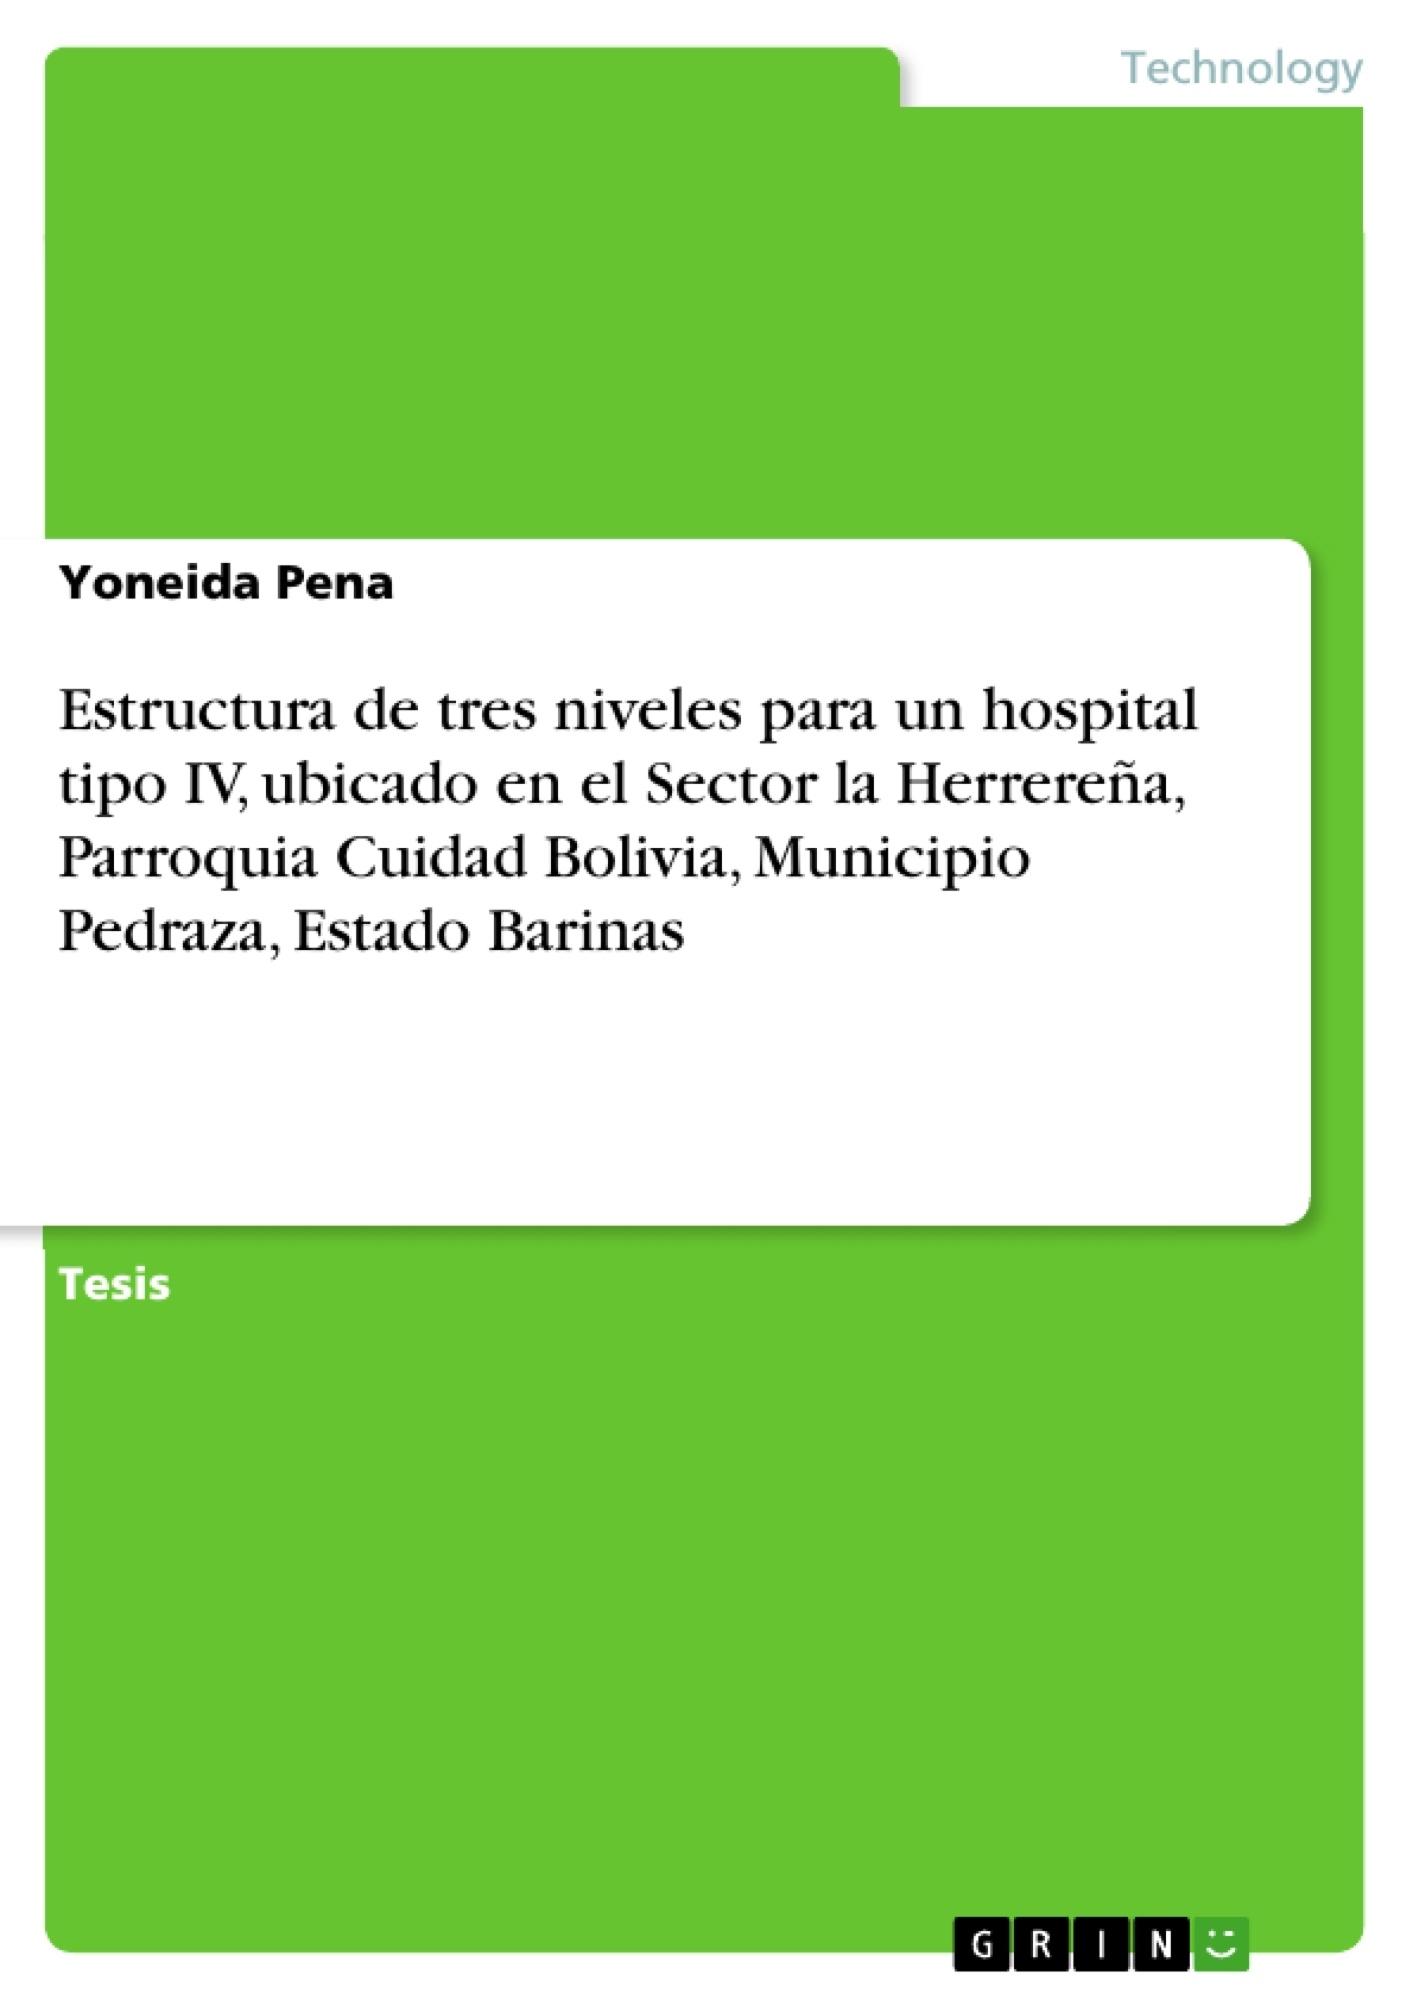 Título: Estructura de tres niveles para un hospital tipo IV, ubicado en el Sector la Herrereña, Parroquia Cuidad Bolivia, Municipio Pedraza, Estado Barinas